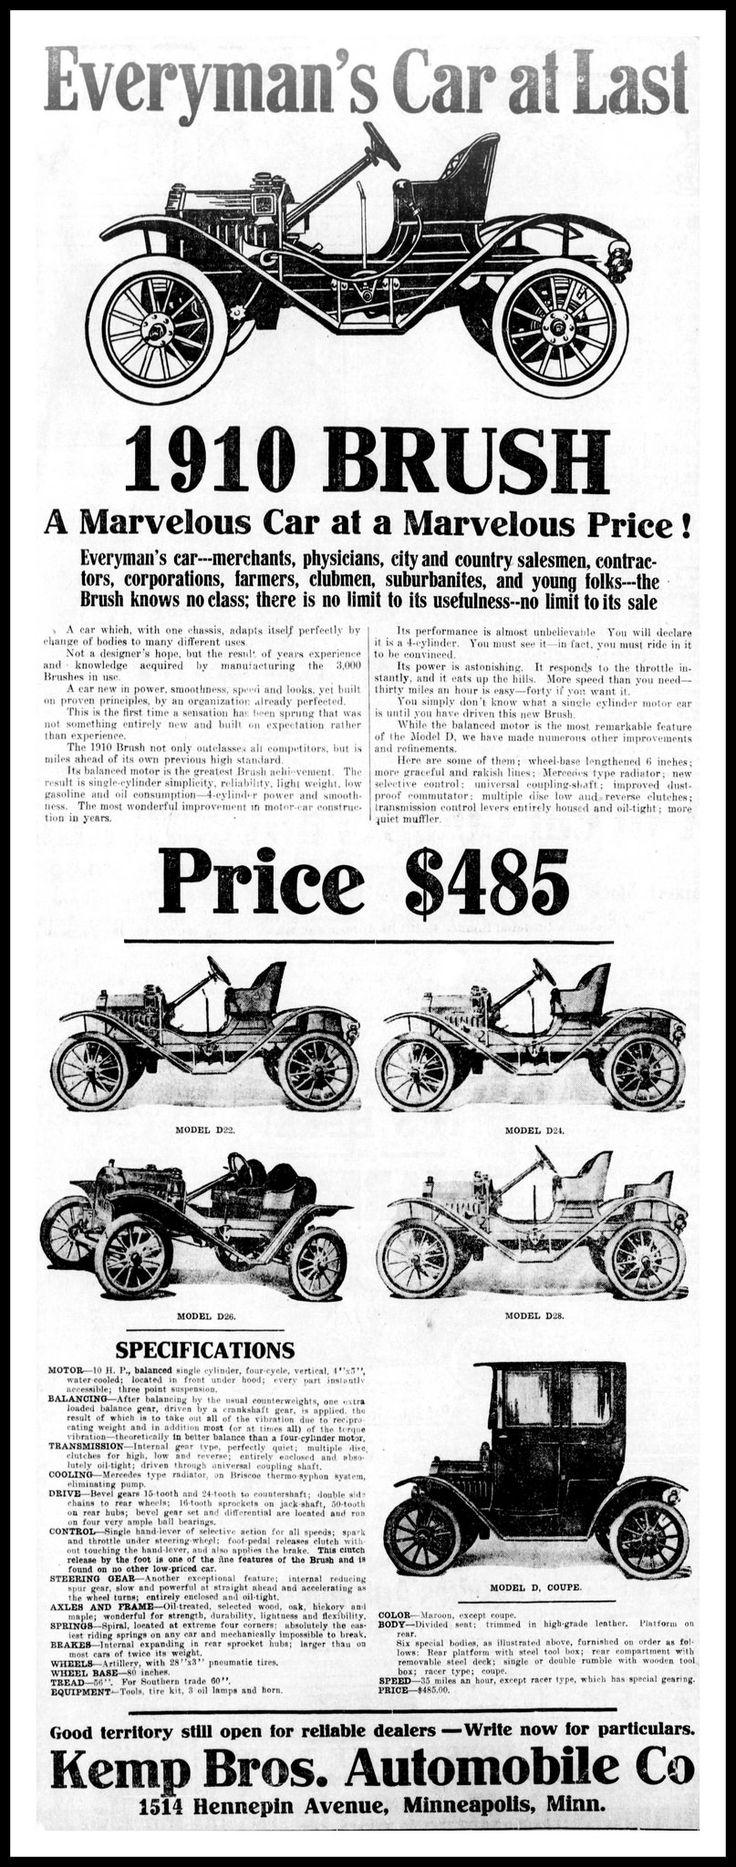 Https flic kr p cojcve advertising for the 1910 brush automobile in the minneapolis minnesota star tribune newspaper october 17 1909 the brush motor